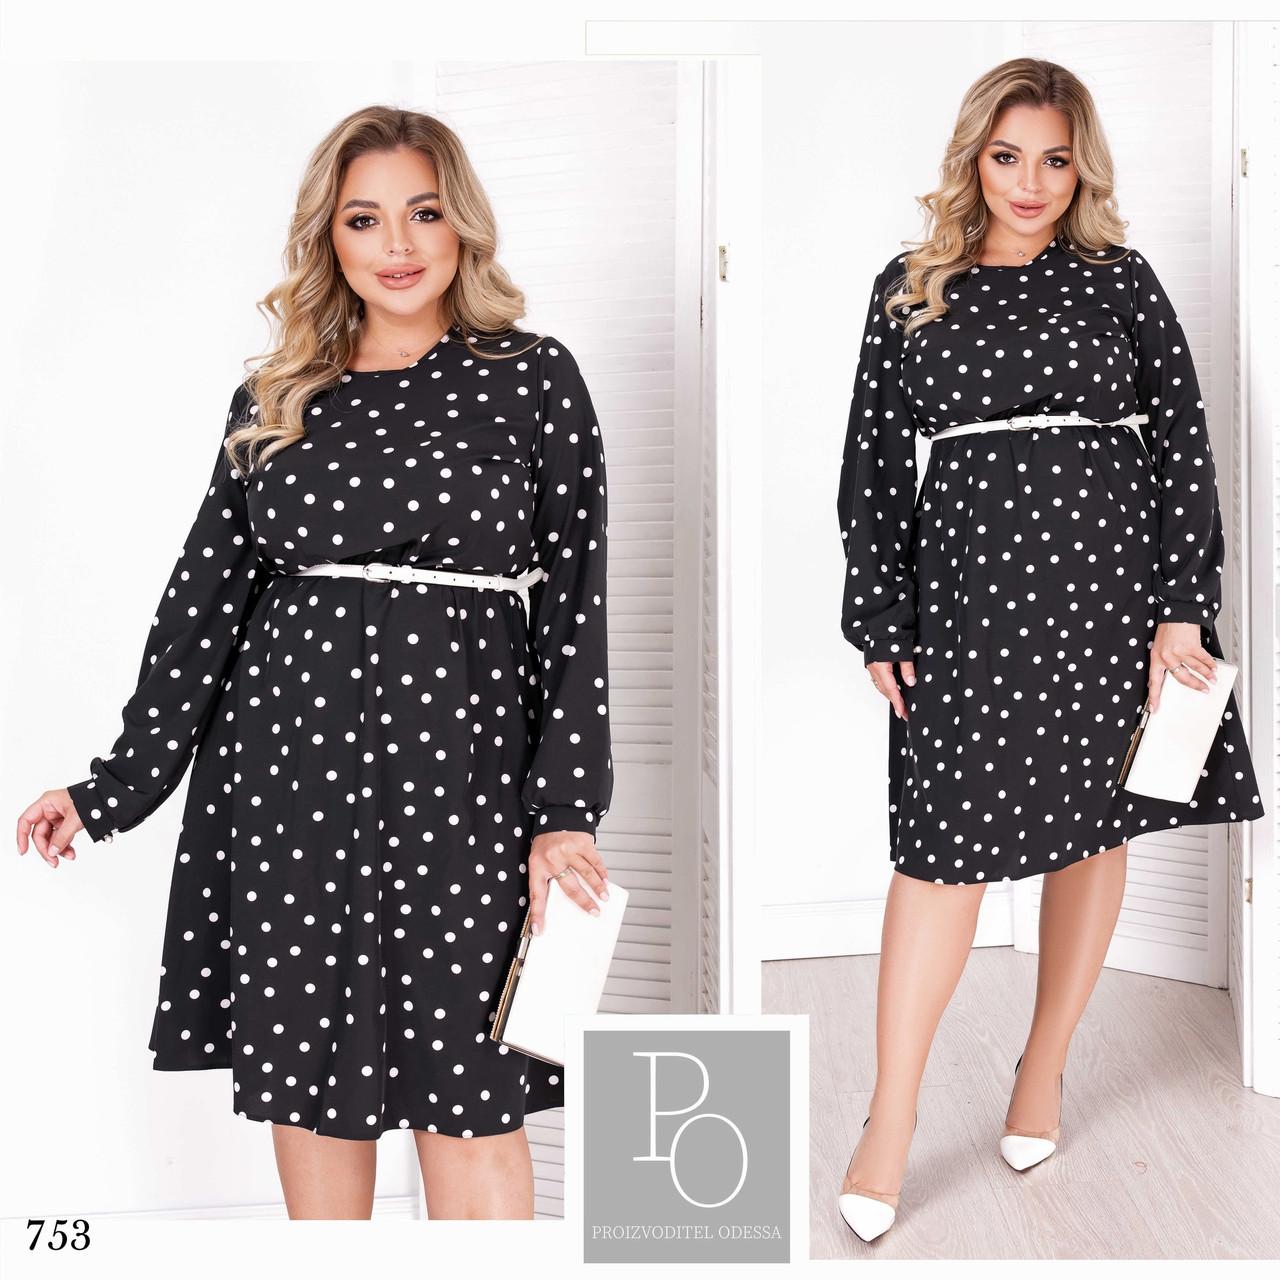 Платье принт длинный рукав расклешенное шелк-софт 48-50,52-54,56-58,60-62